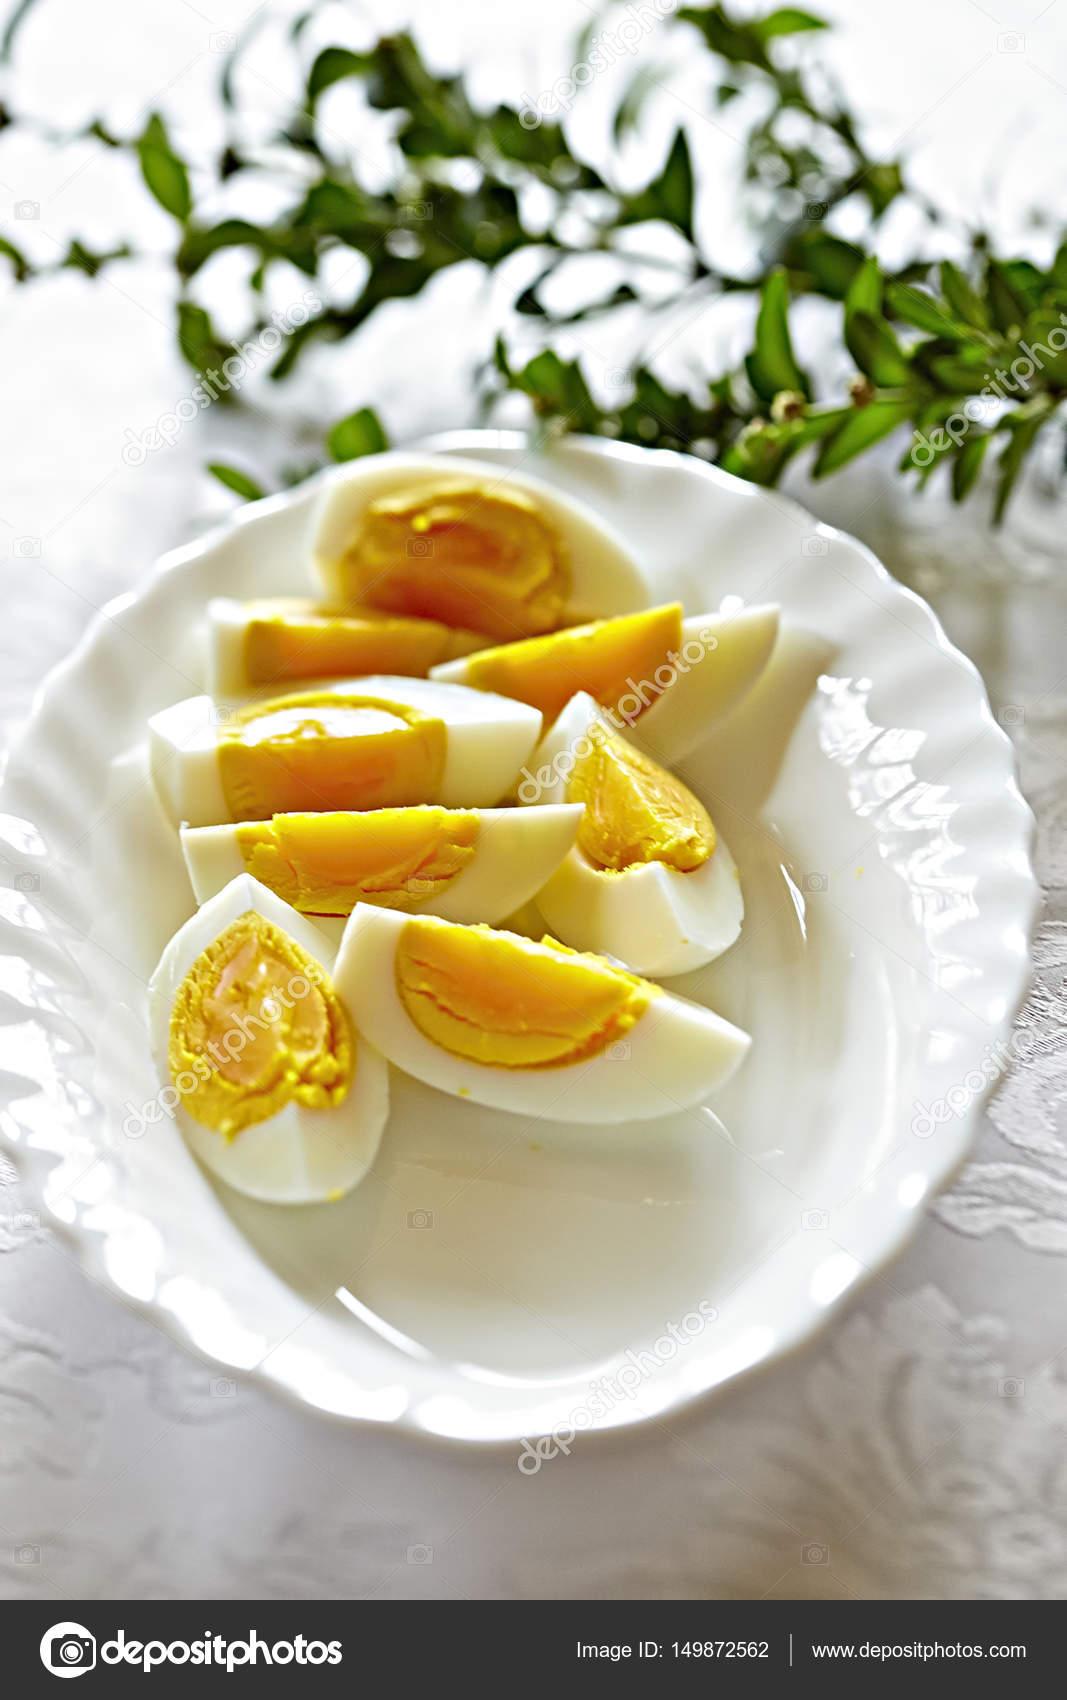 dieta del huevo cocido yahoo